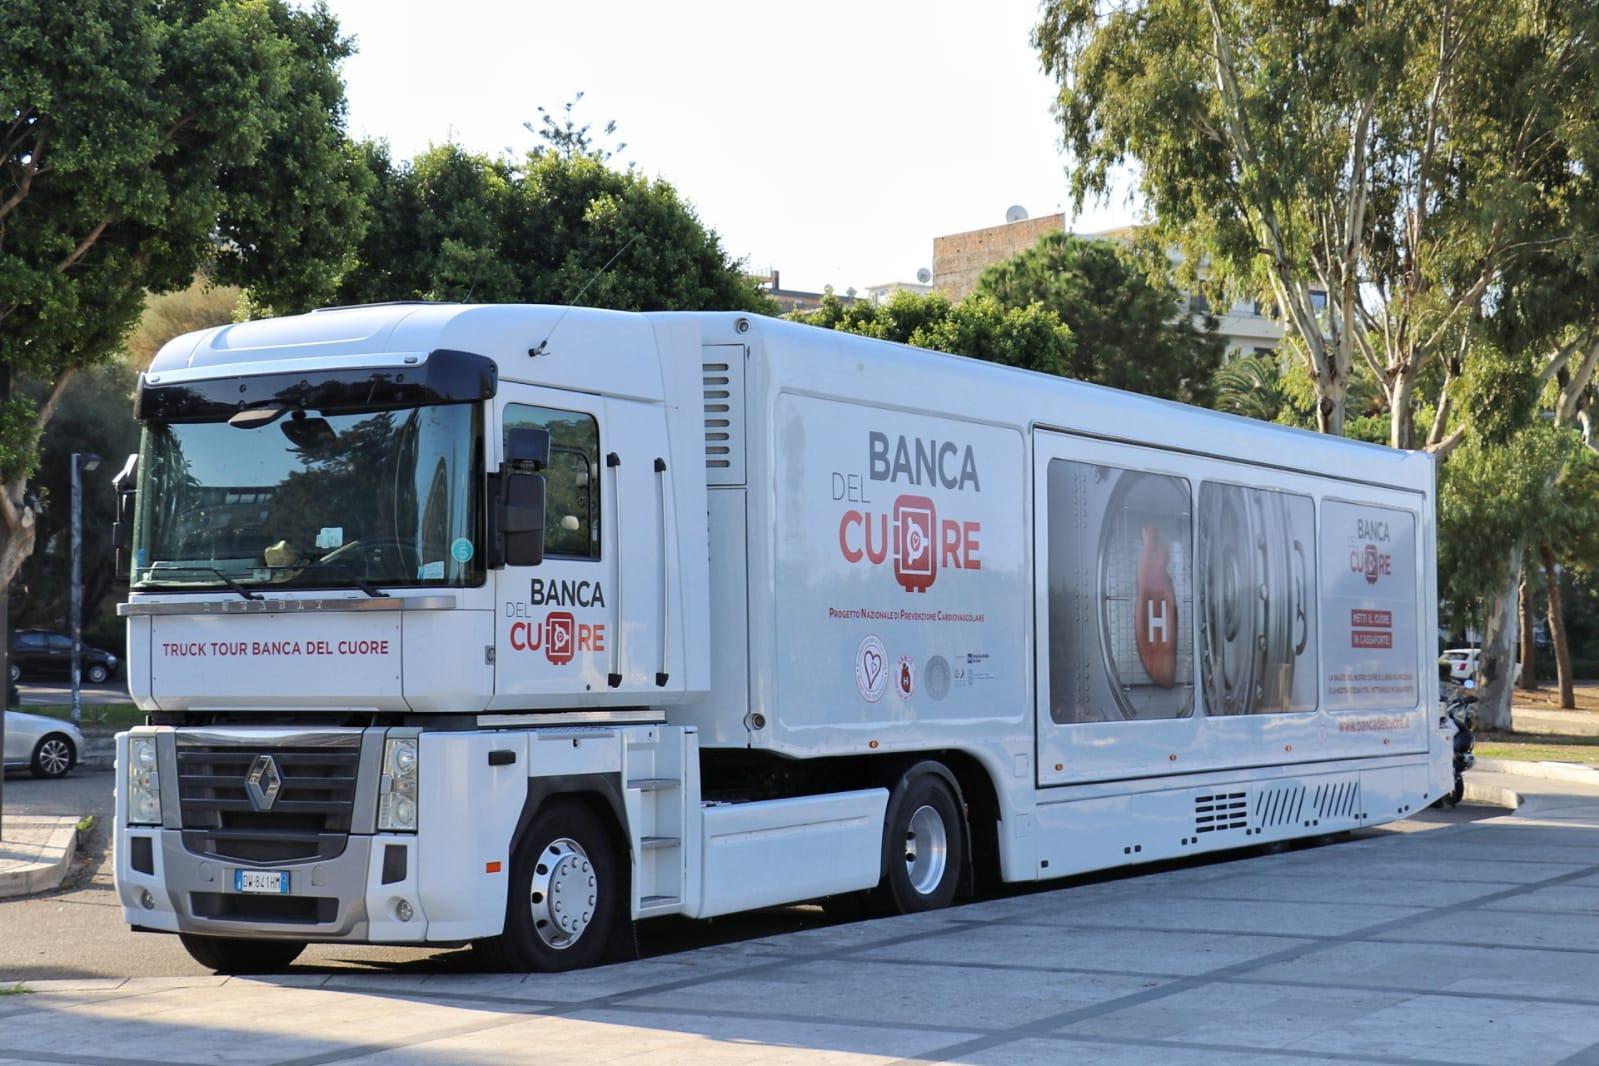 La Banca del Cuore per la prevenzione cardiovascolare torna a Cuneo - IdeaWebTv